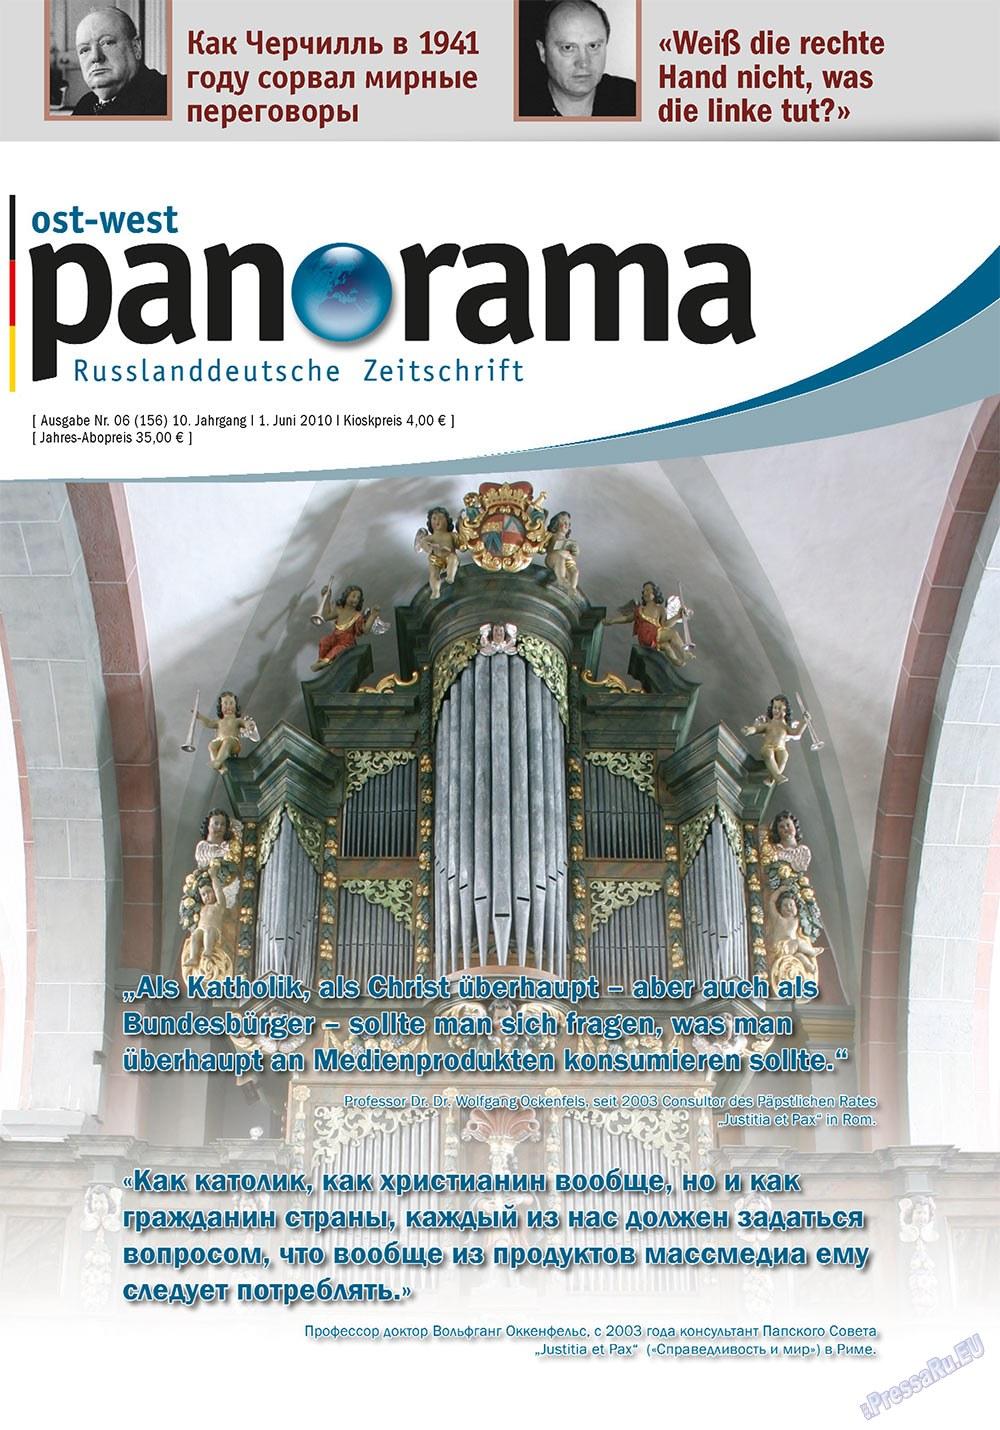 Ost-West Panorama (журнал). 2010 год, номер 6, стр. 1